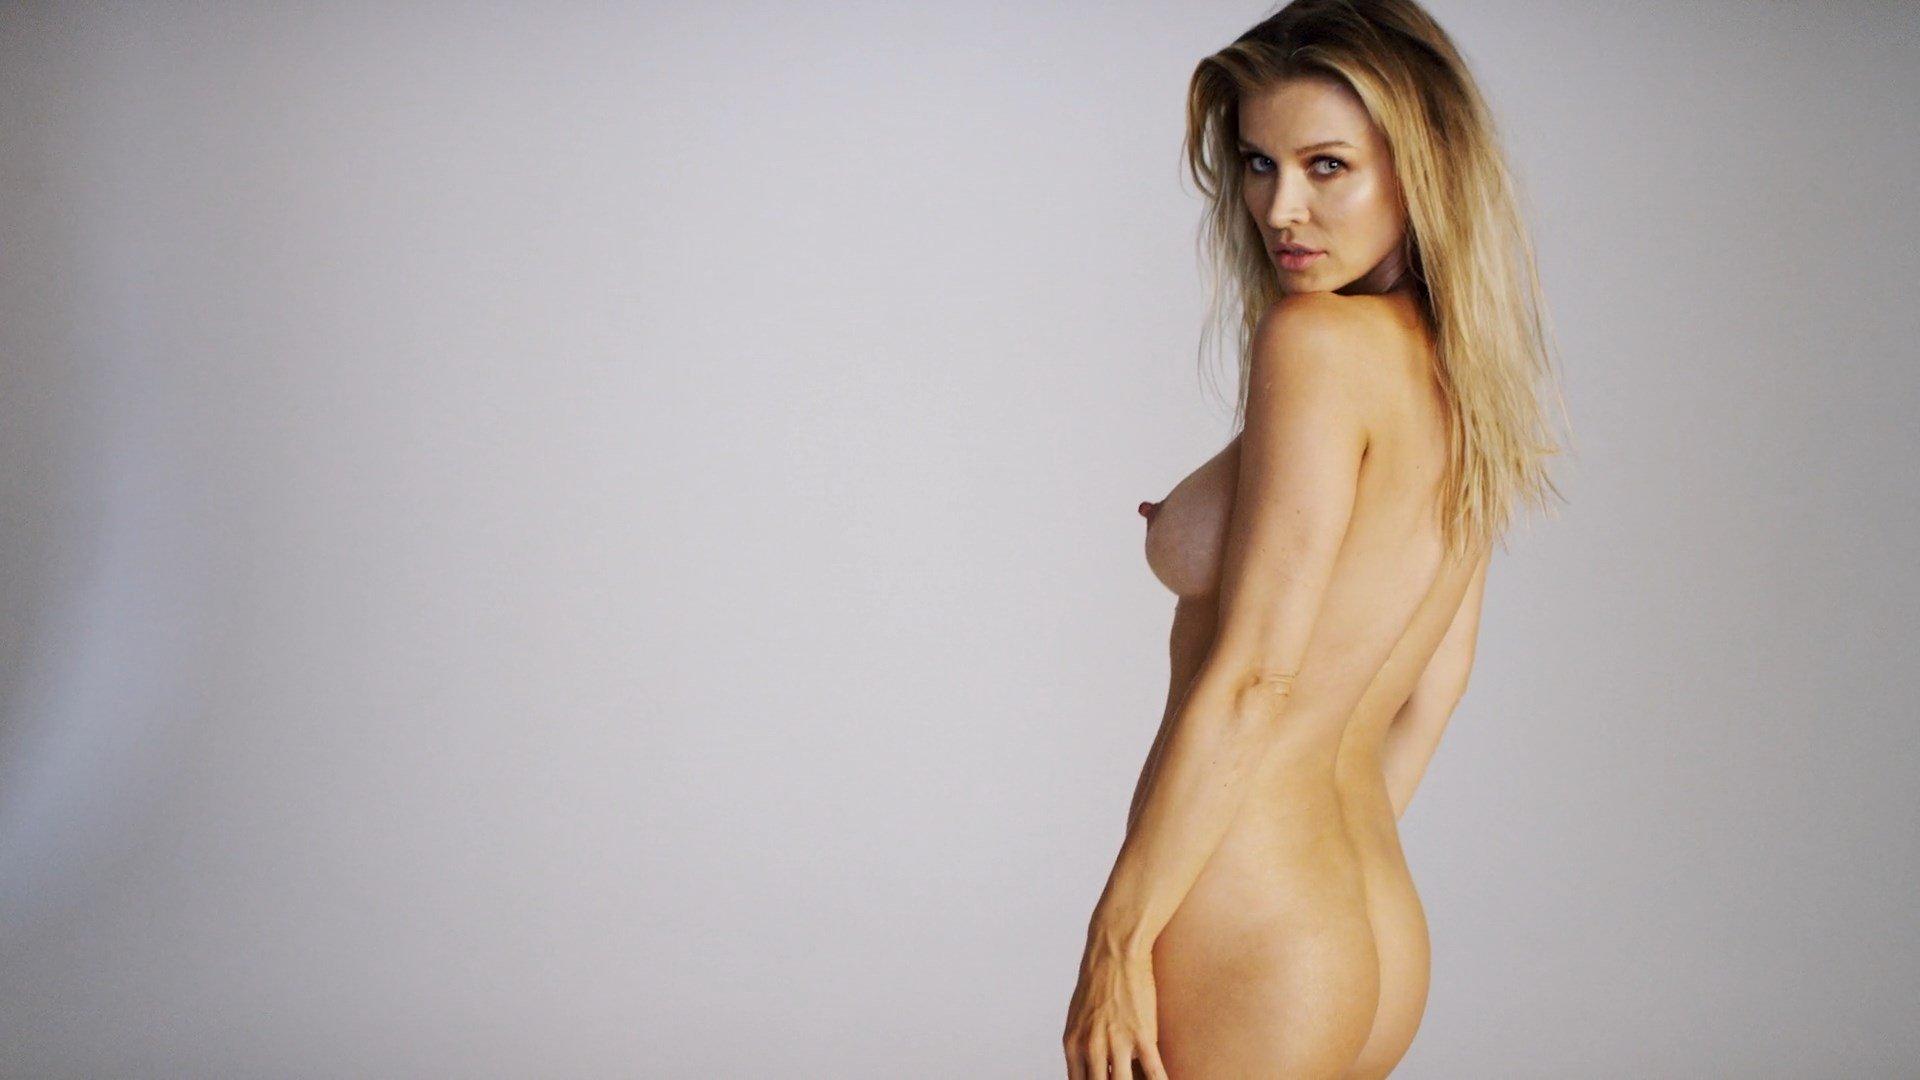 Kim nackt  Rachel Cross Actress Rachel